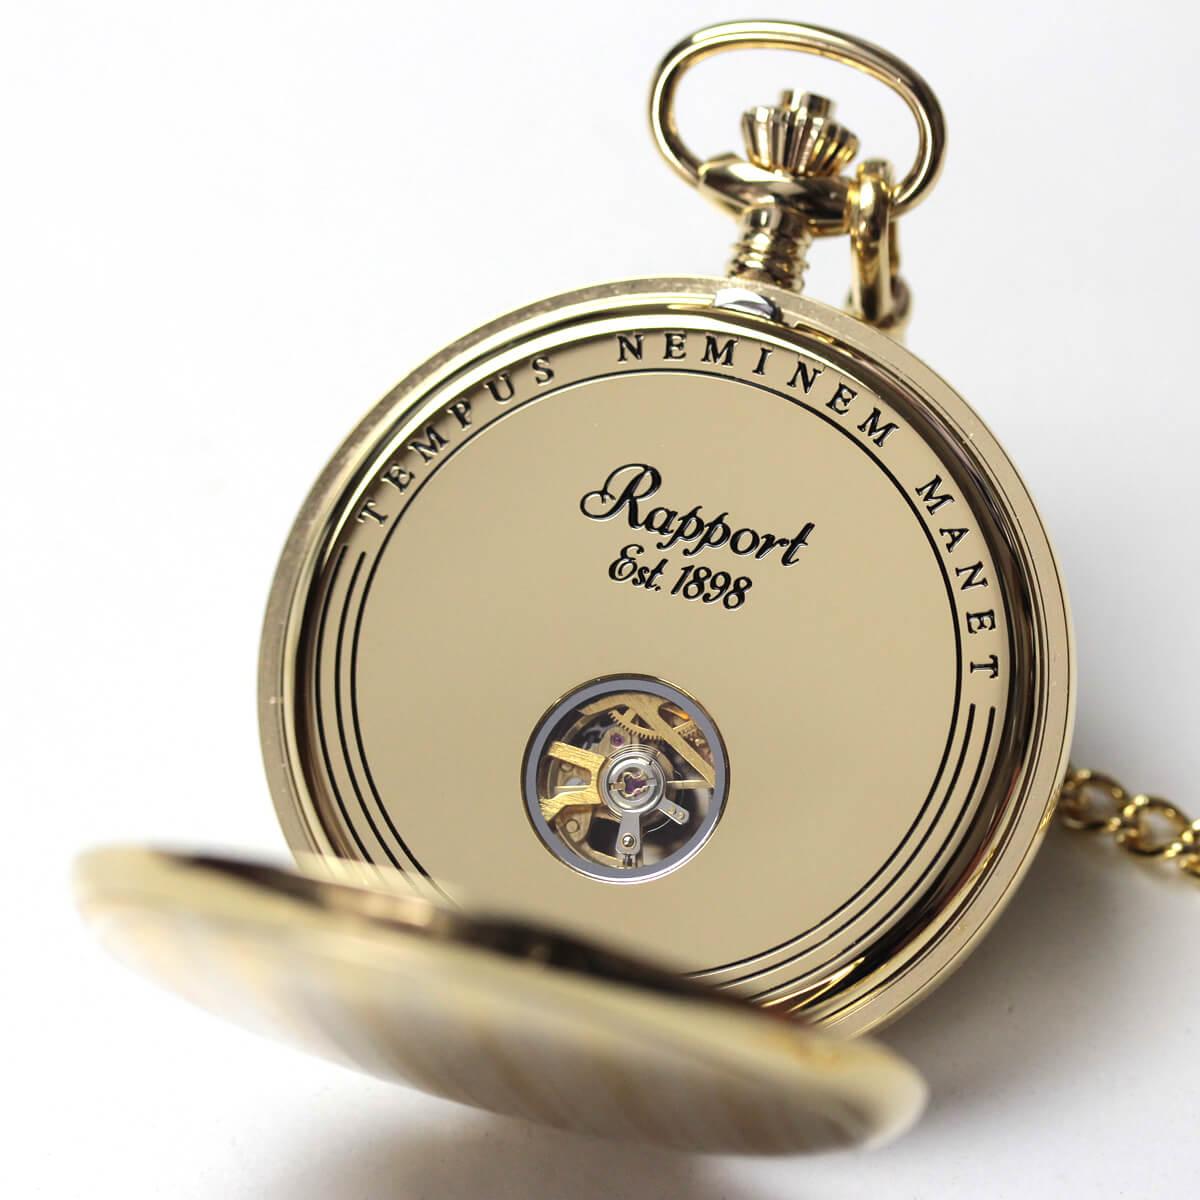 イギリスブランド rapport(ラポート) 懐中時計 pw98 裏蓋を開いたところ